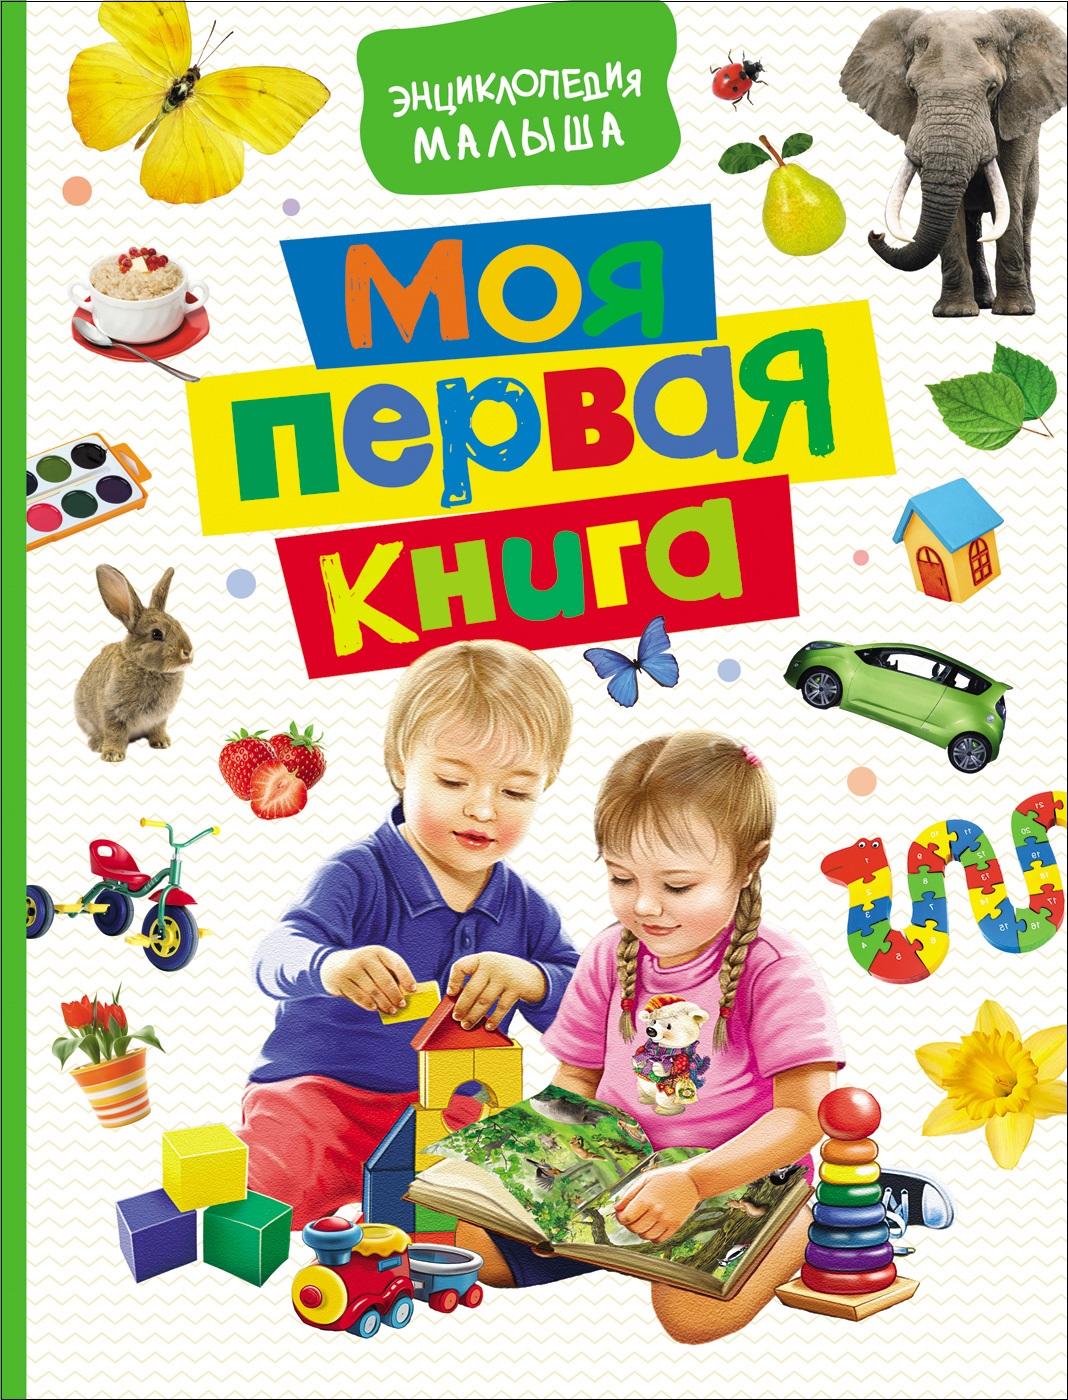 Котятова Н. И. Моя первая книга. Энциклопедия малыша